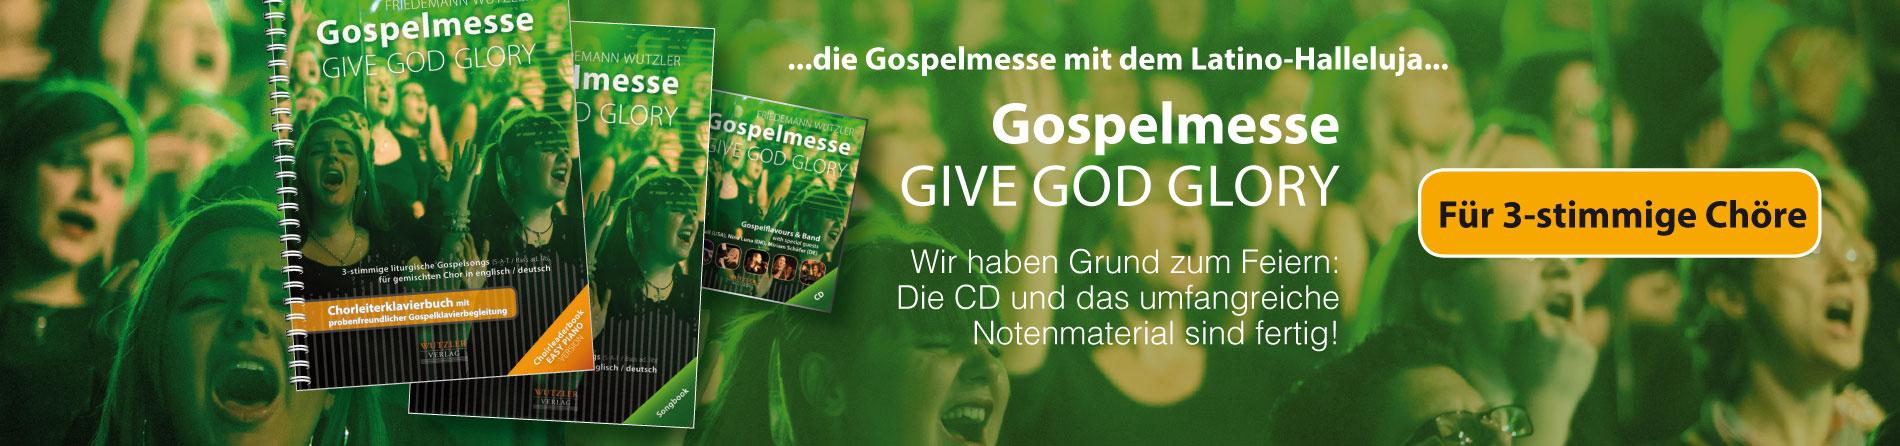 Jetzt reinhören , alle Songs zweisprachig in englisch und deutsch